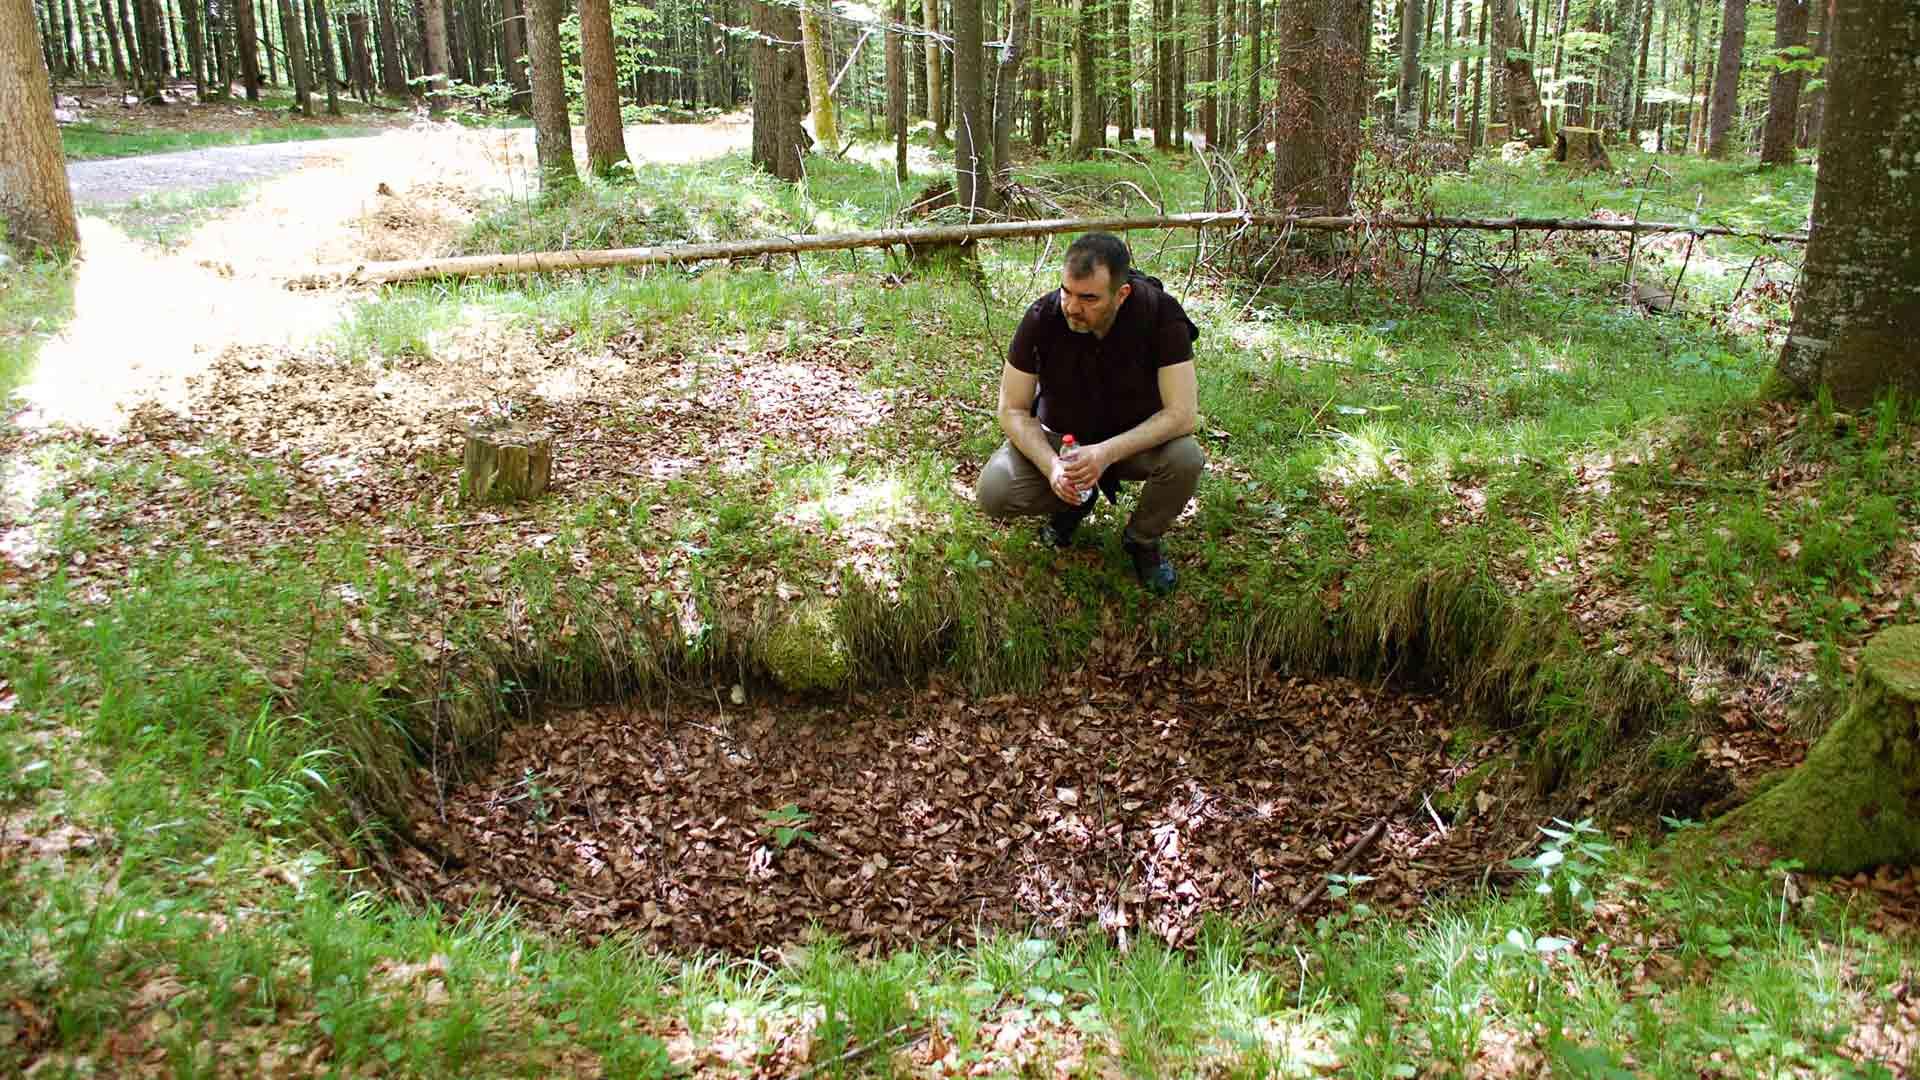 Kirjailija Marcus Wallén kävi natsikullan jälkiä seuratessaan Walchensee-järven törmällä, jossa on yhä näkyvissä kätkökuoppien painaumia.